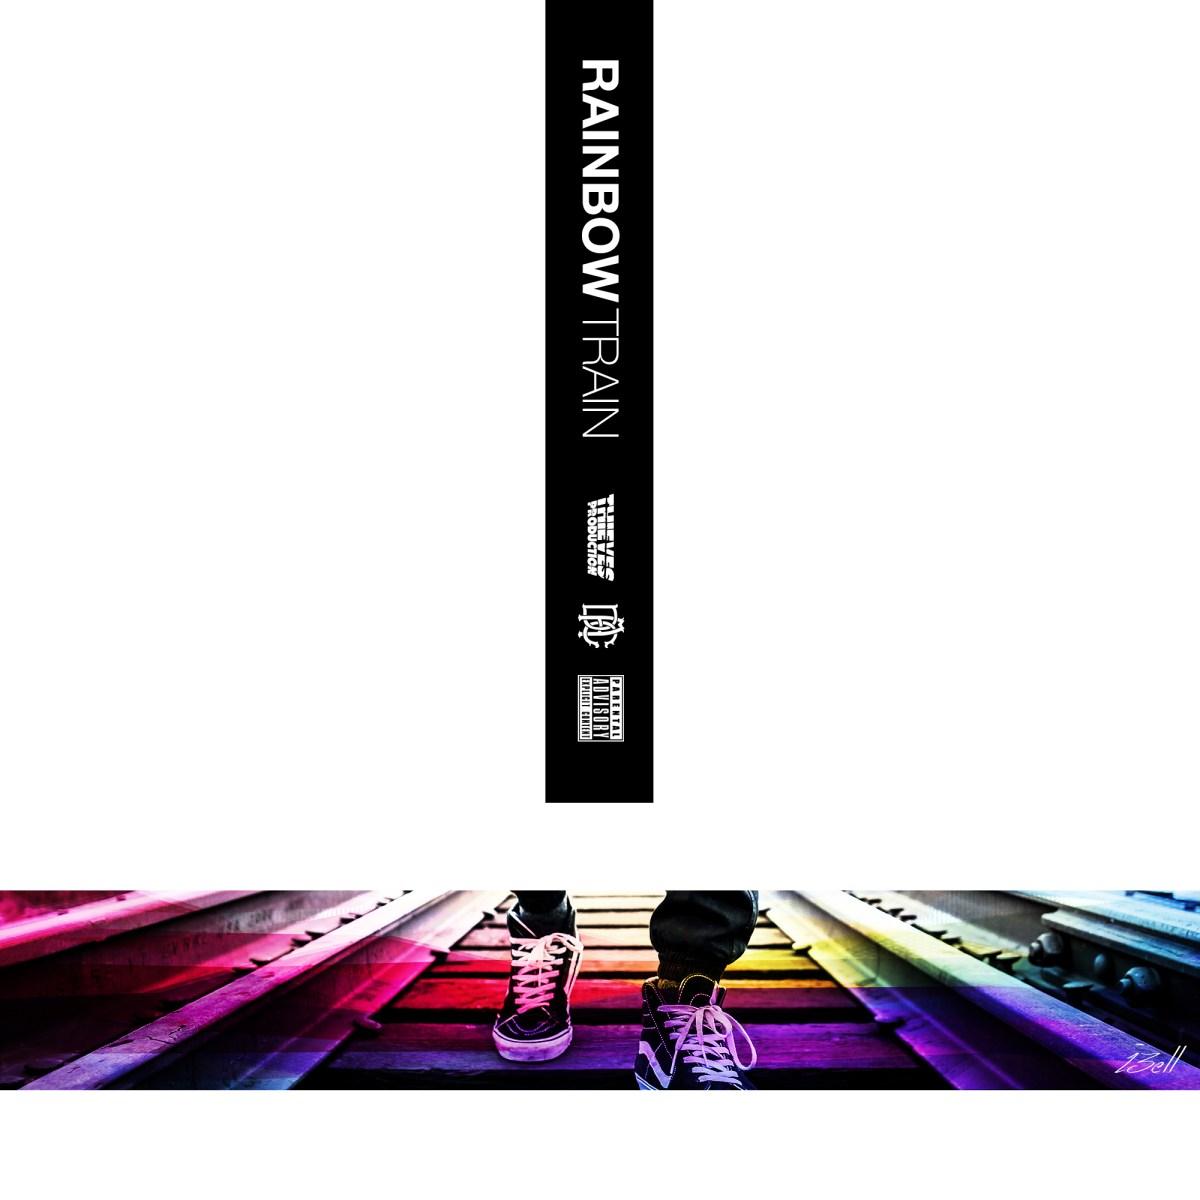 rainbowtrain